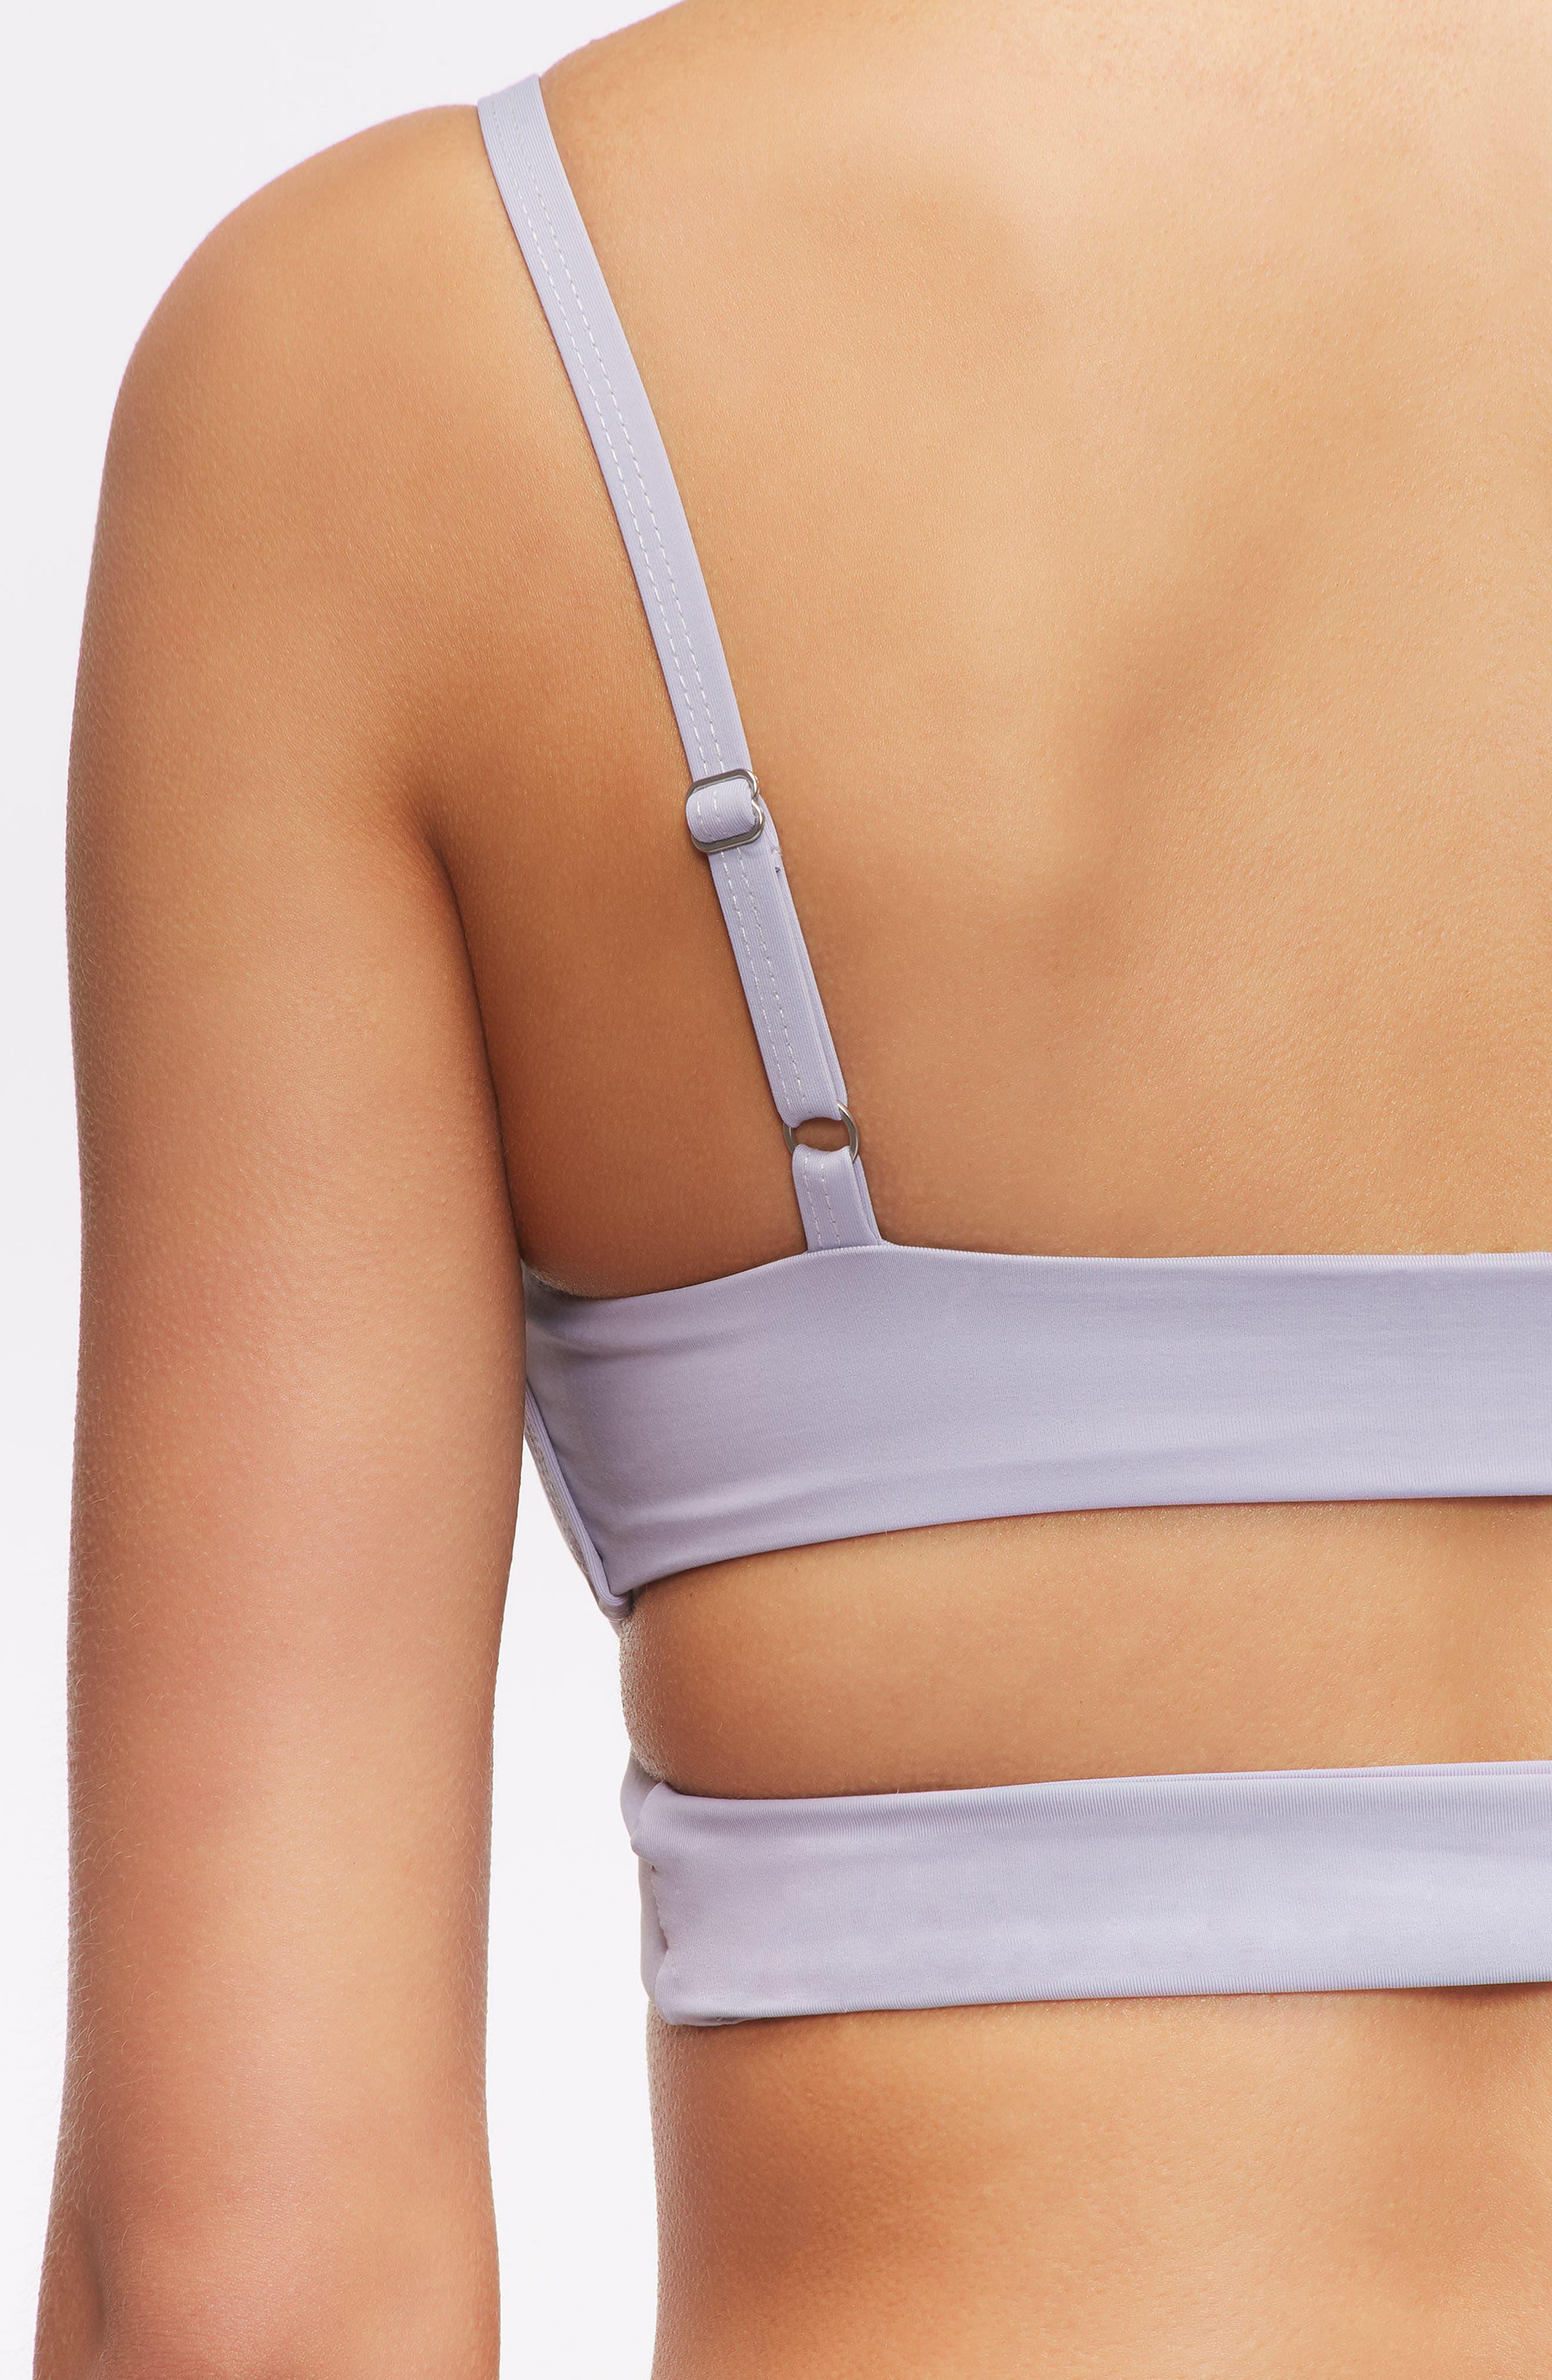 'Jessi' Cutout Triangle Bikini Top,                             Alternate thumbnail 38, color,